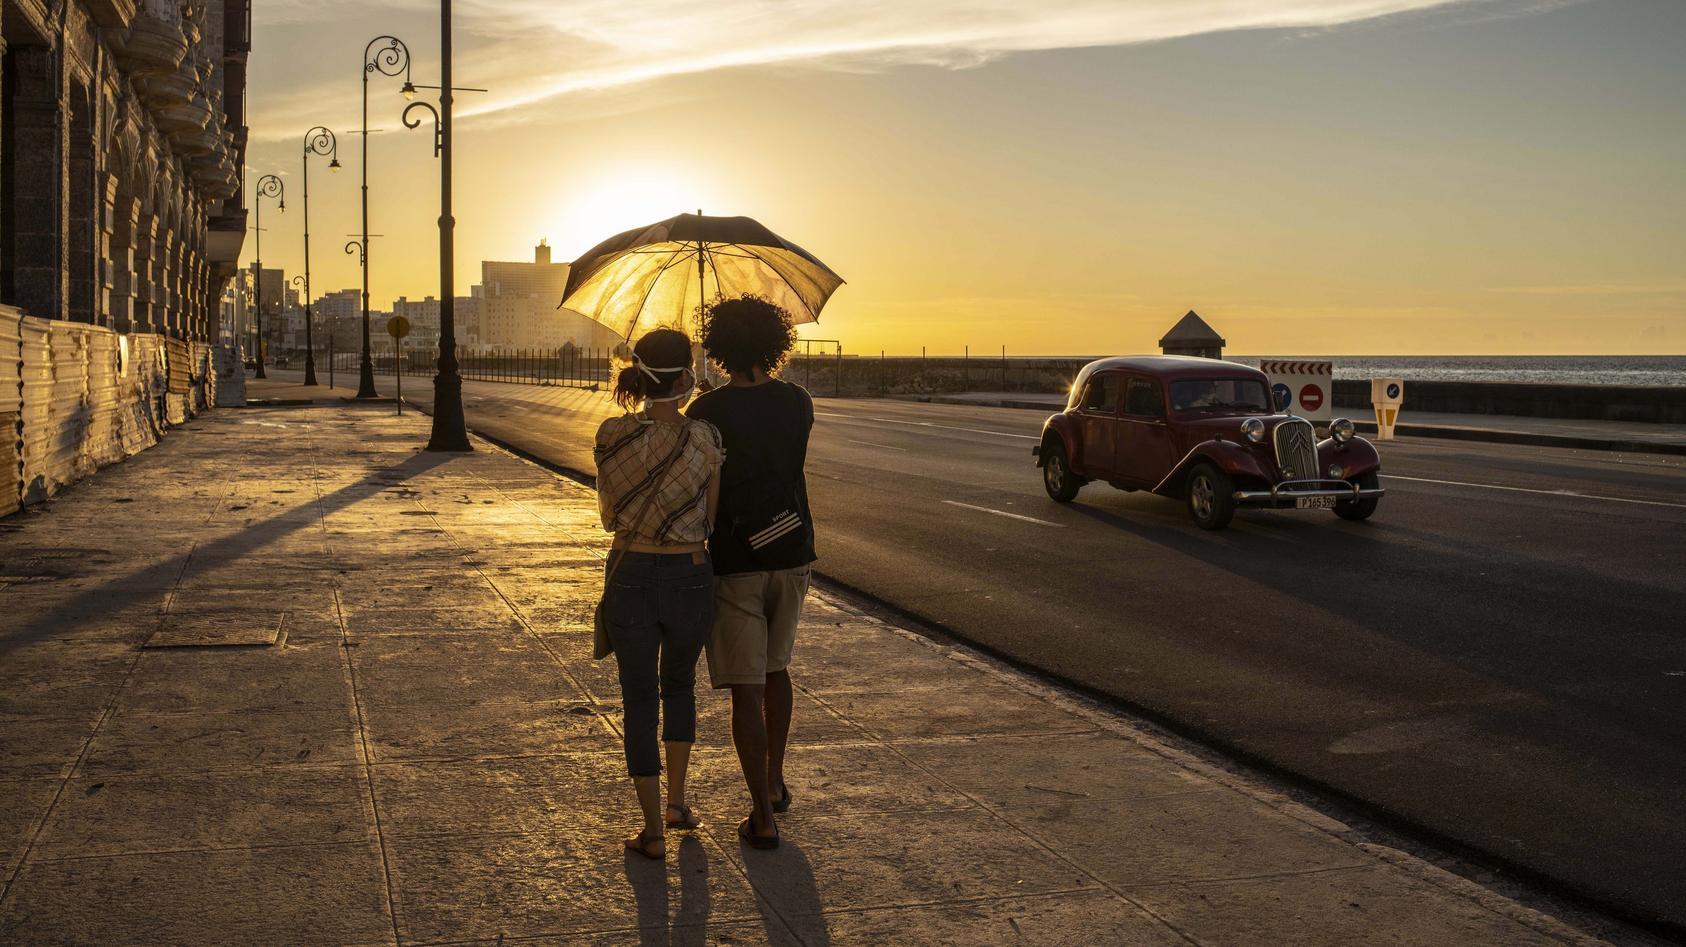 So leer ist es derzeit noch auf den Straßen von Havanna